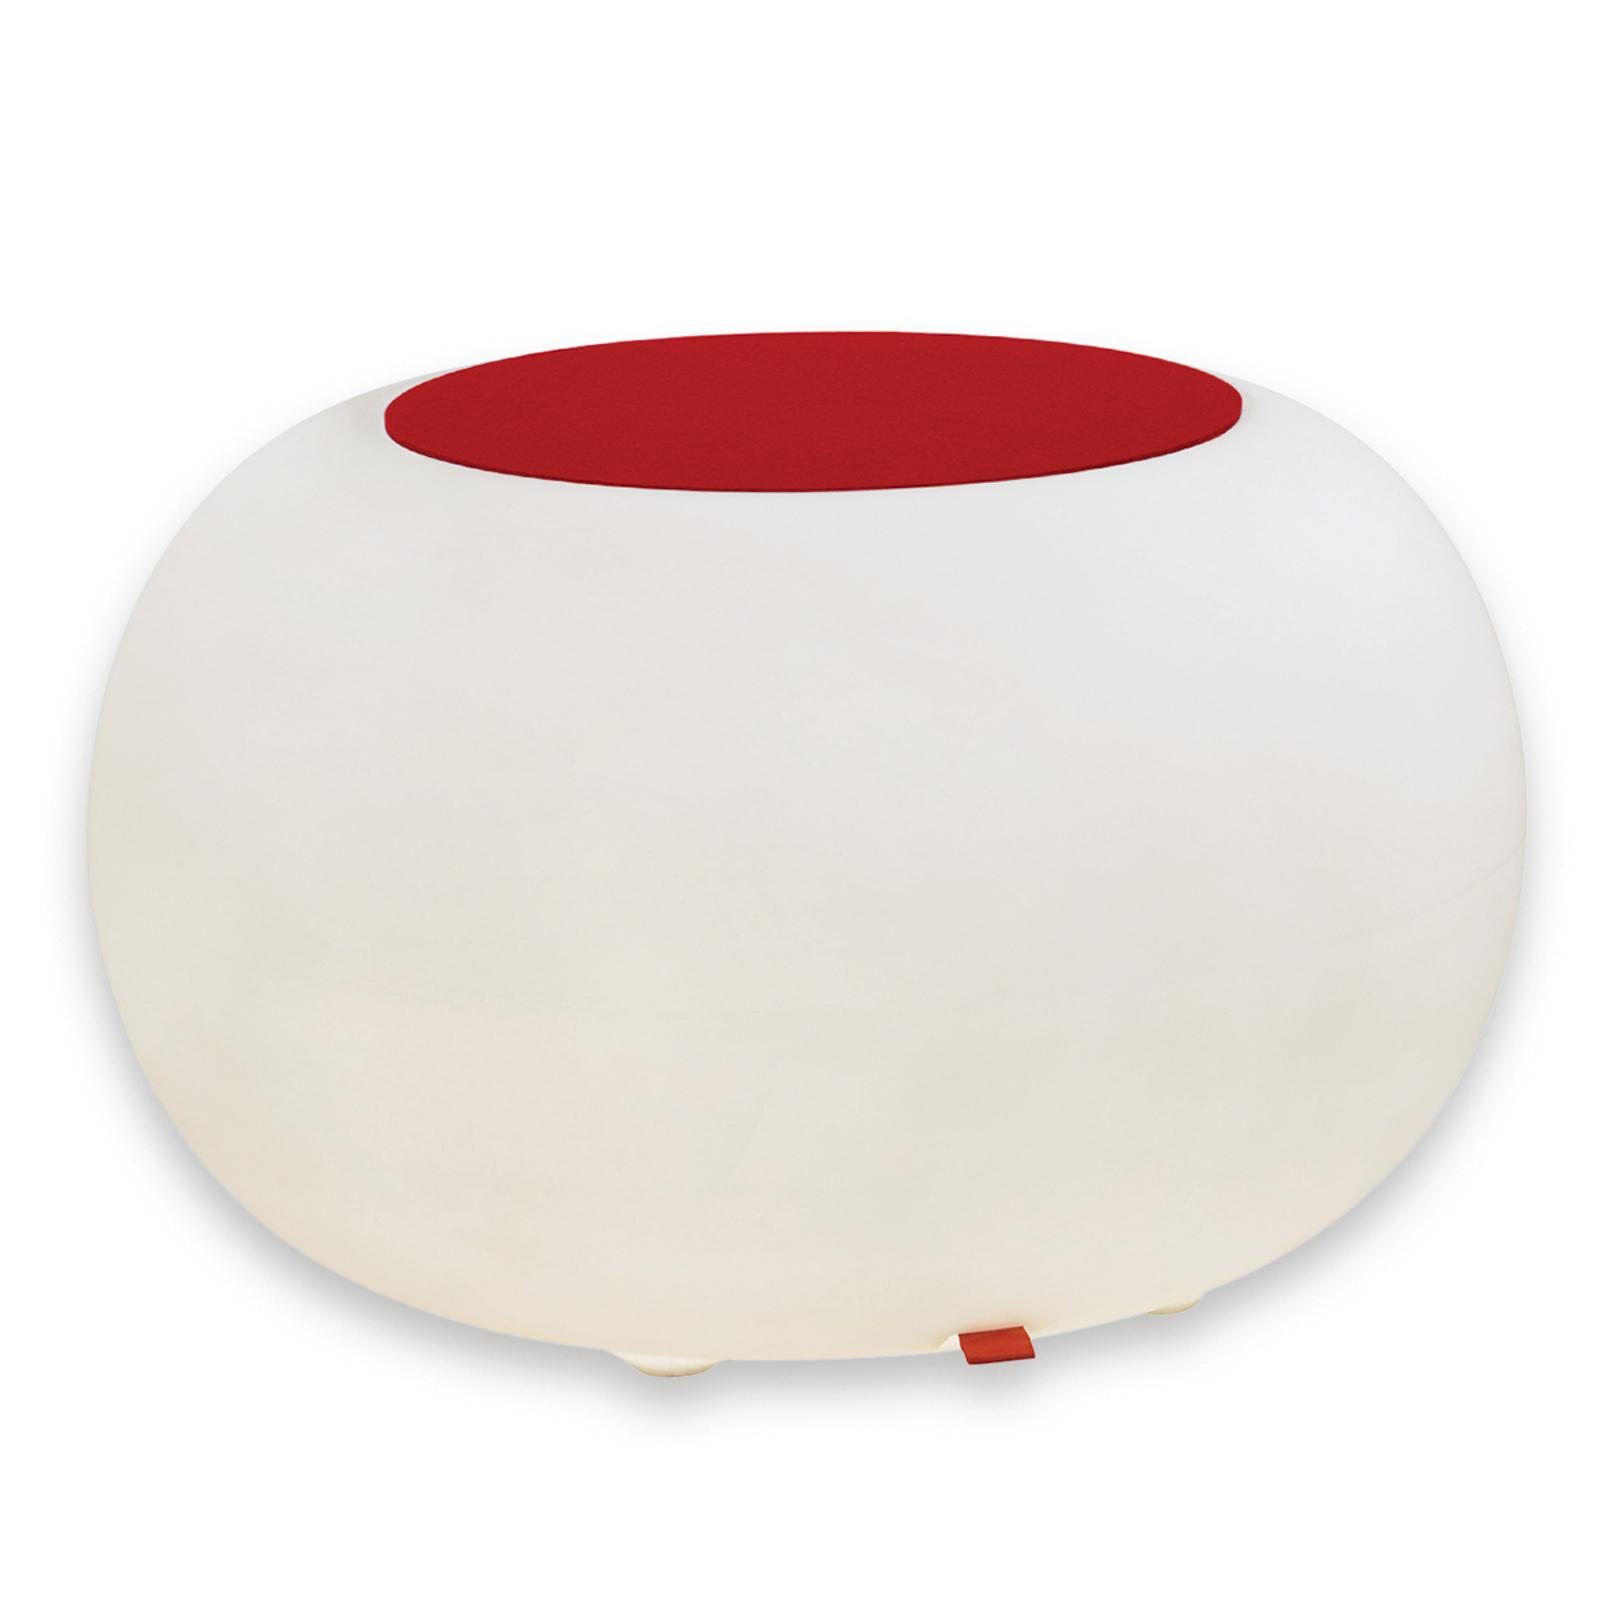 Table d'appoint BUBBLE blanche avec feutre rouge